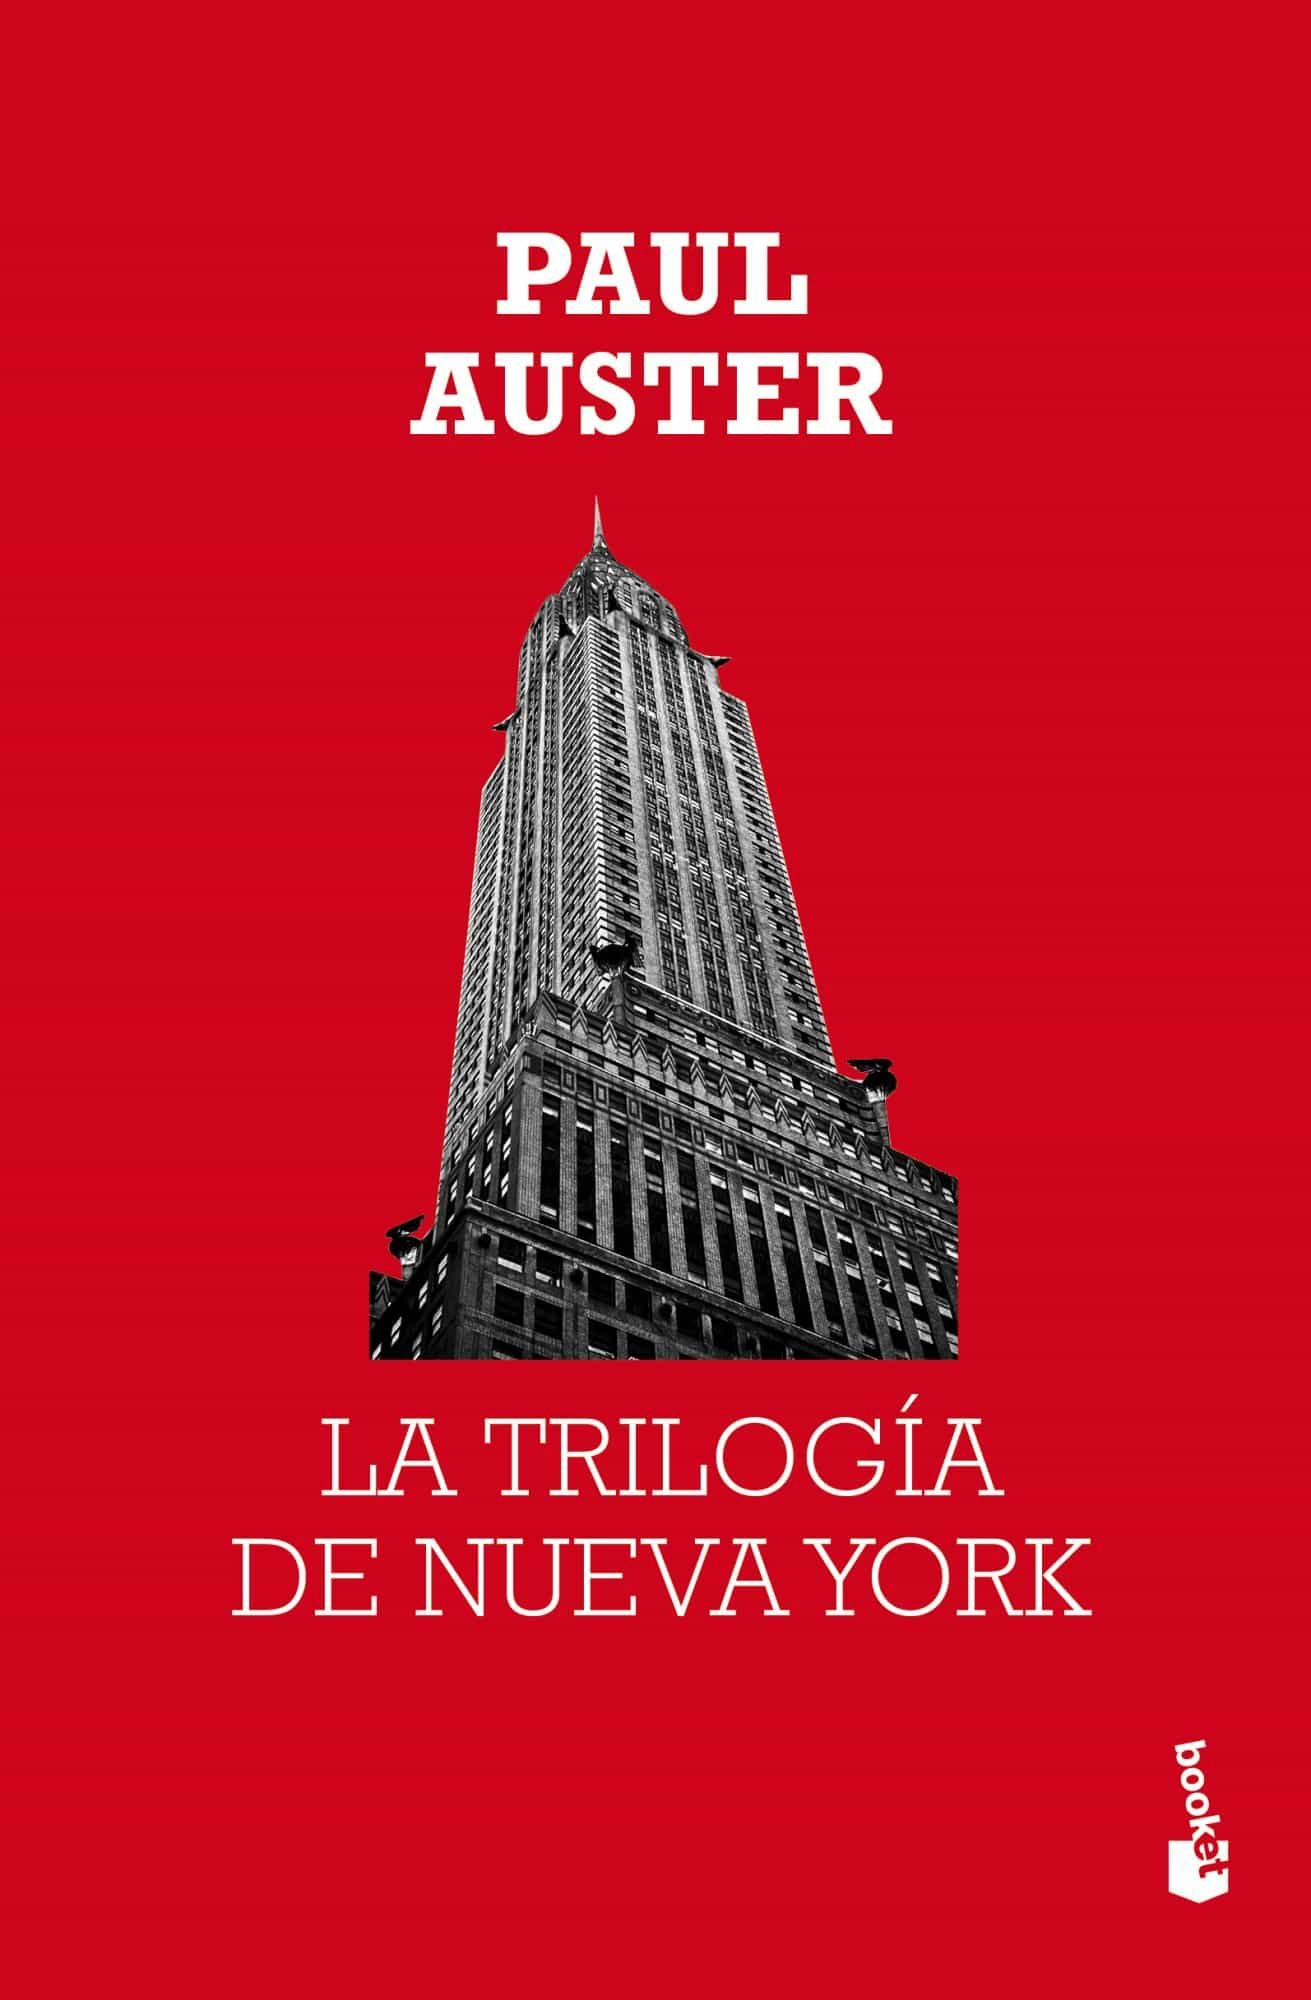 LA TRILOGIA DE NUEVA YORK   PAUL AUSTER   Comprar libro 9788432214349